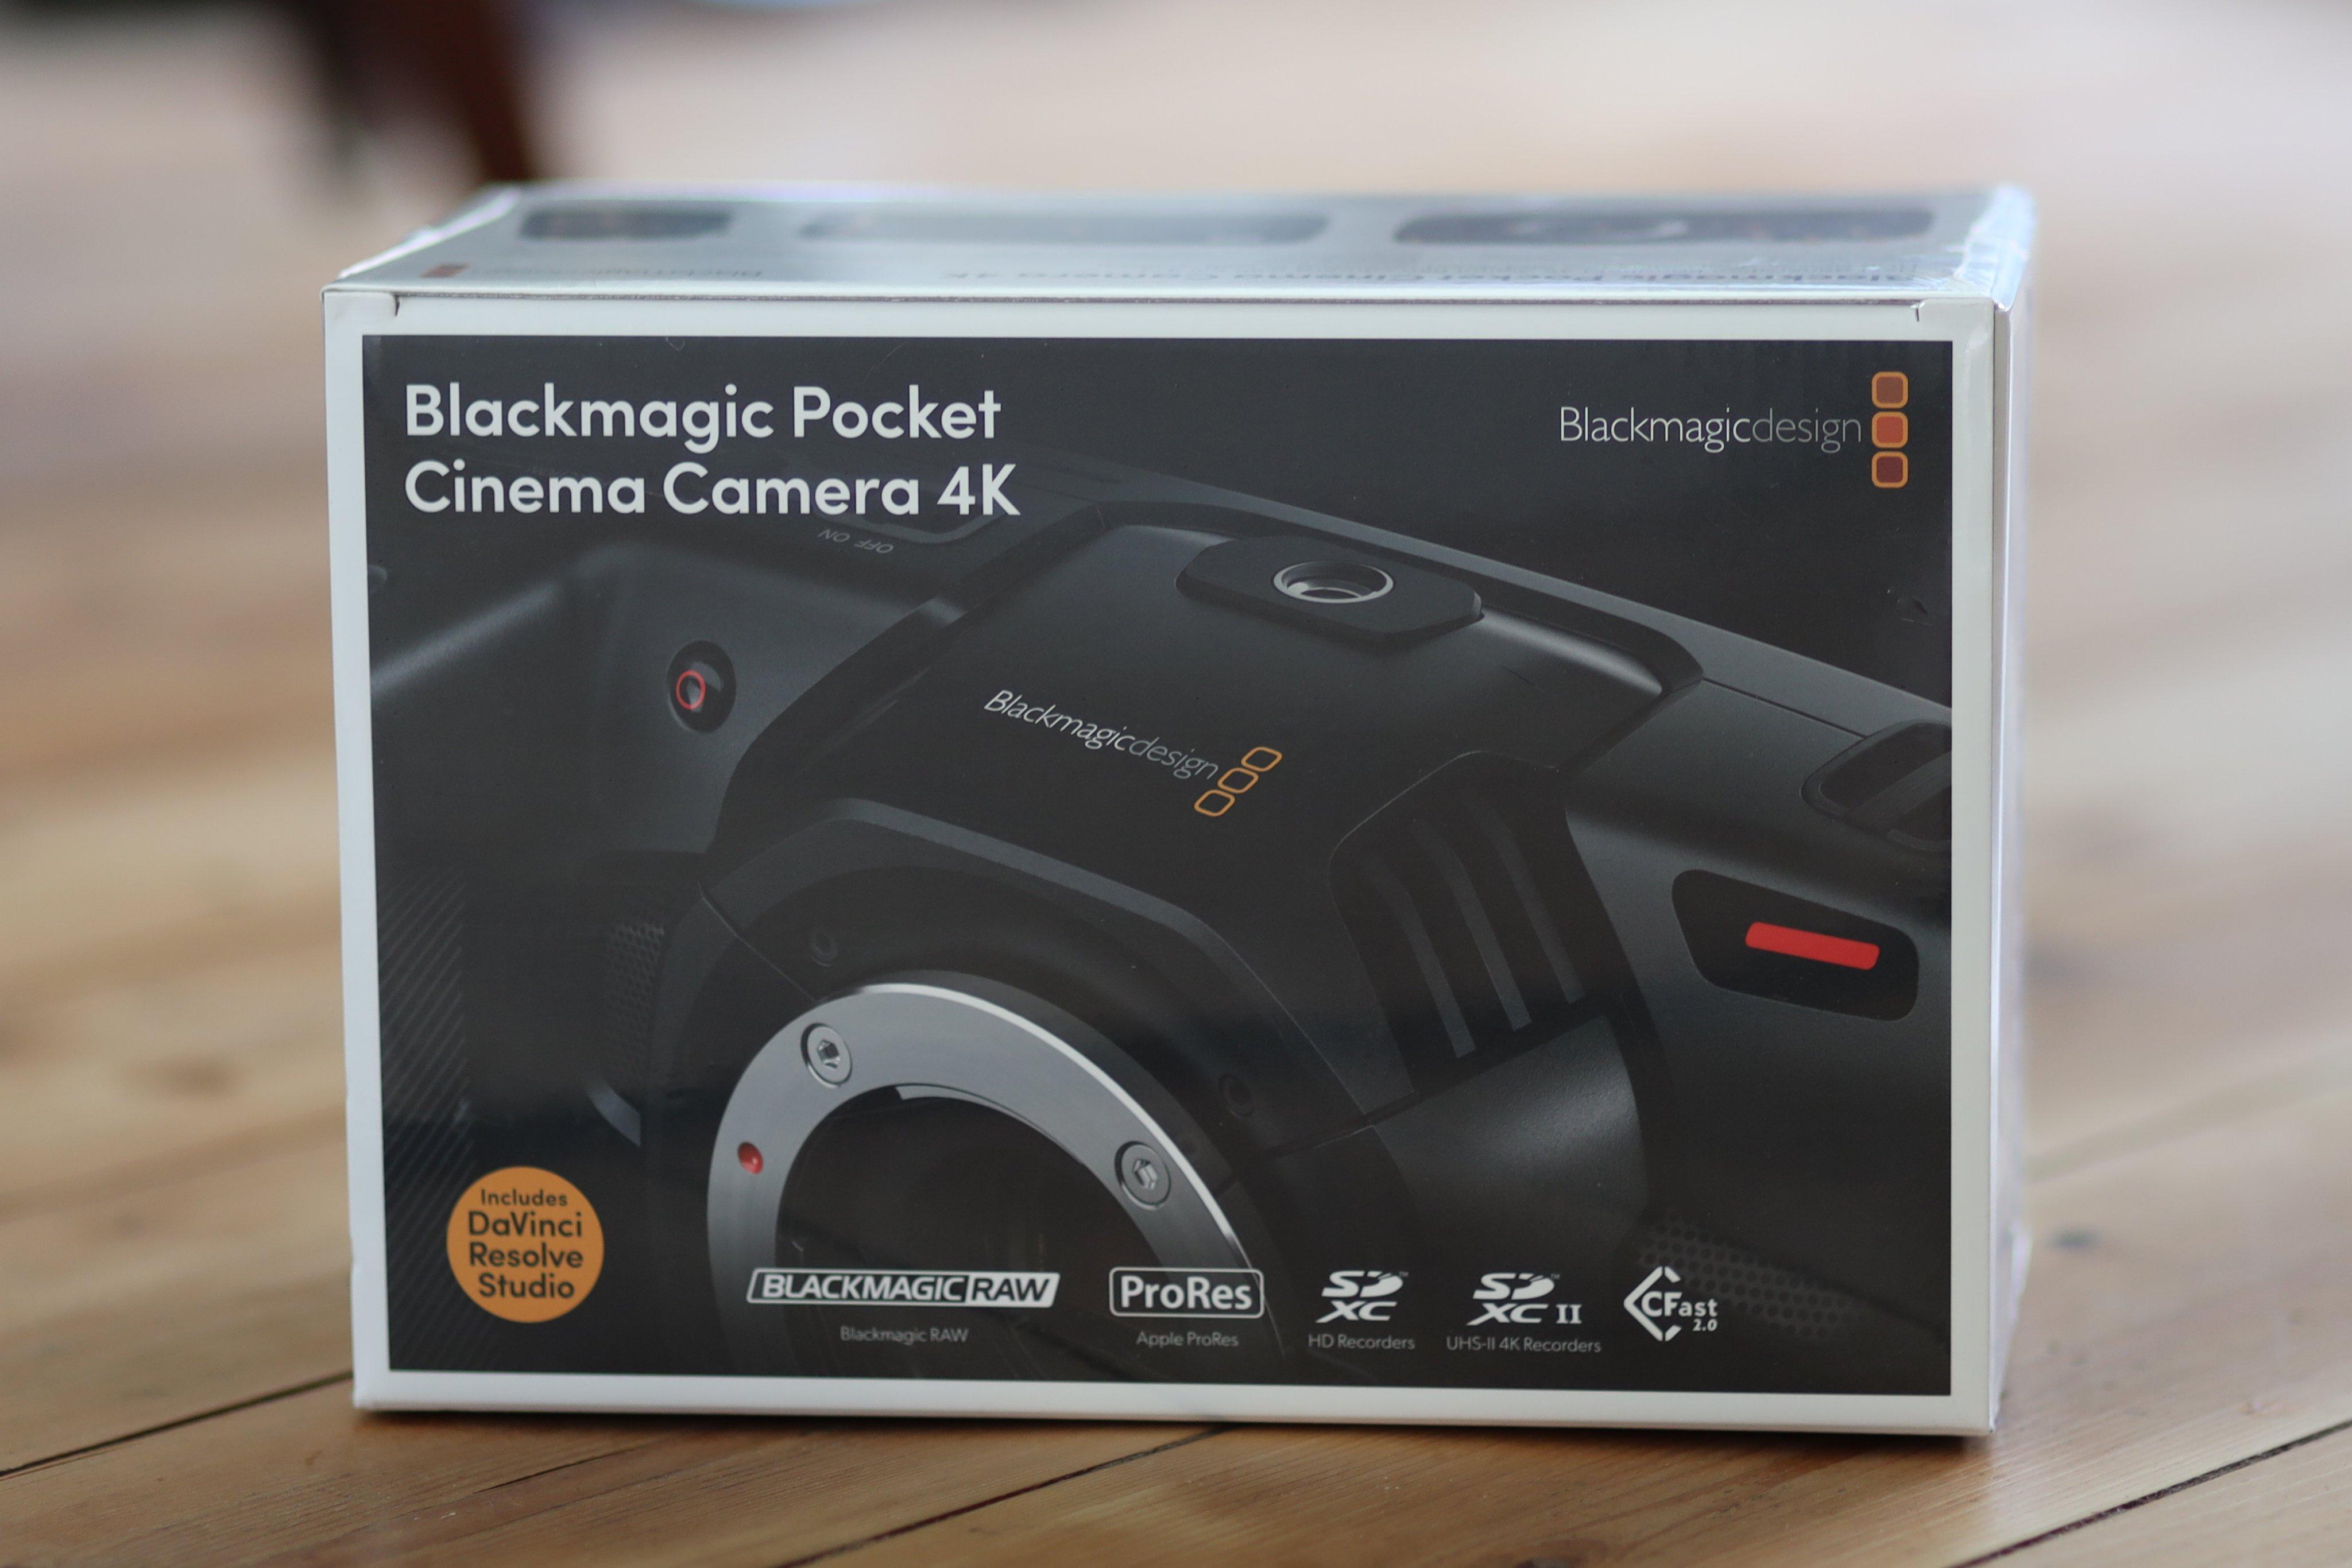 Review Of The Blackmagic Pocket Cinema Camera 4k Filmkit